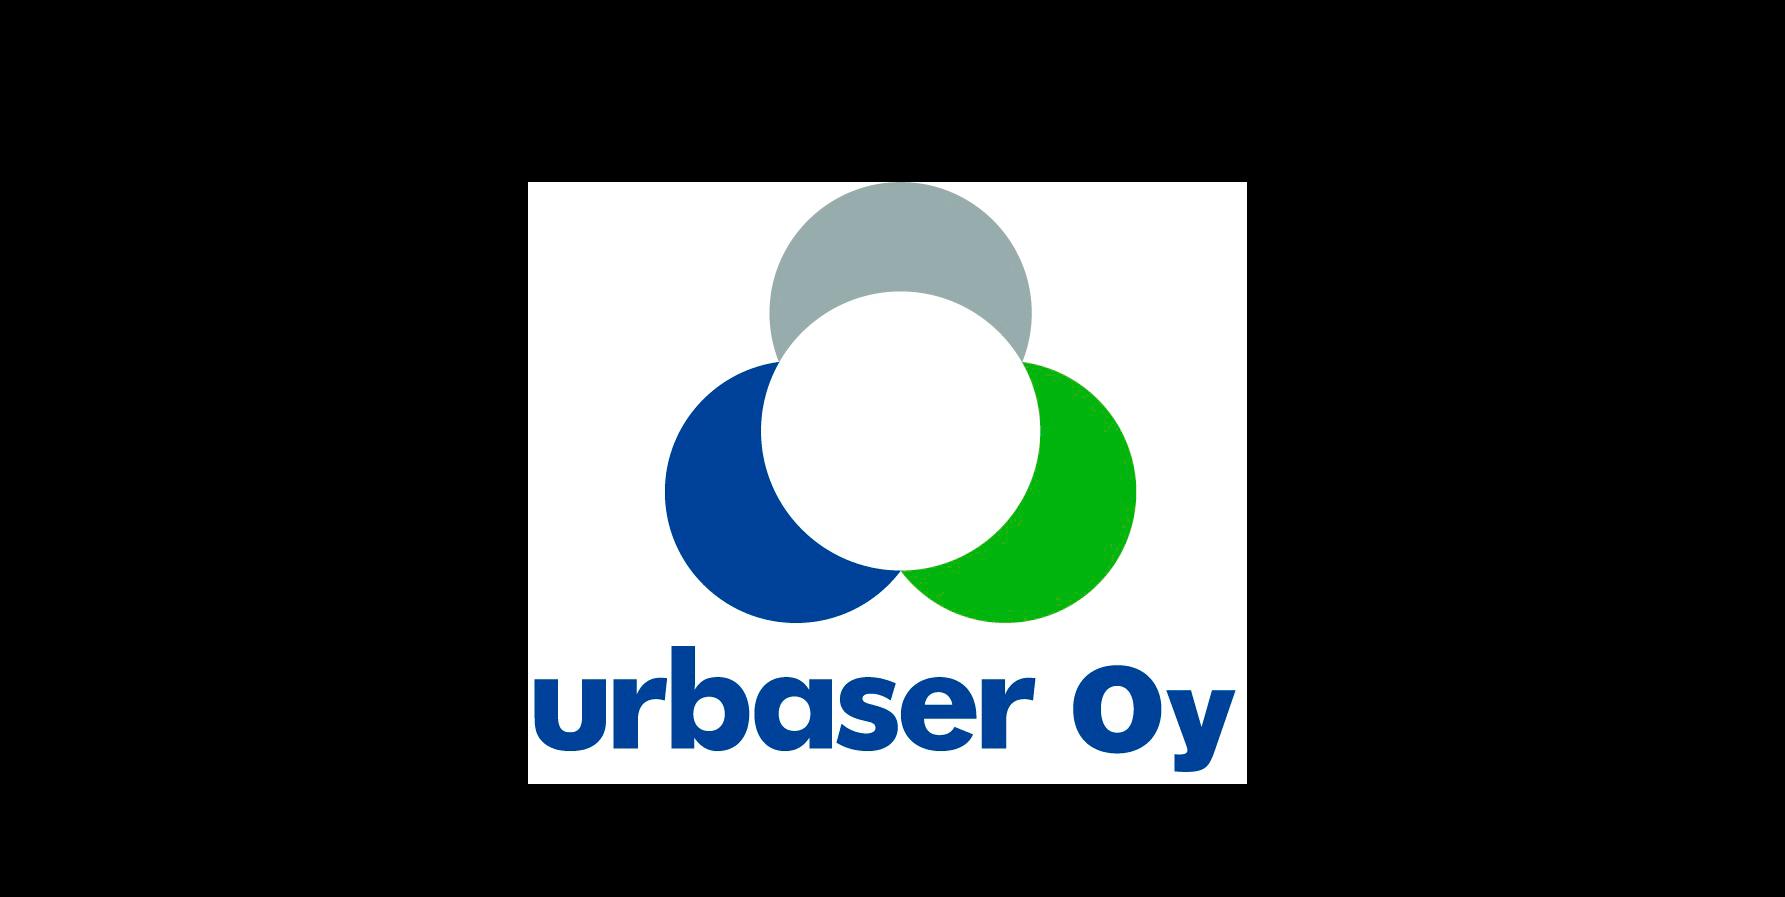 Urbaser Oy